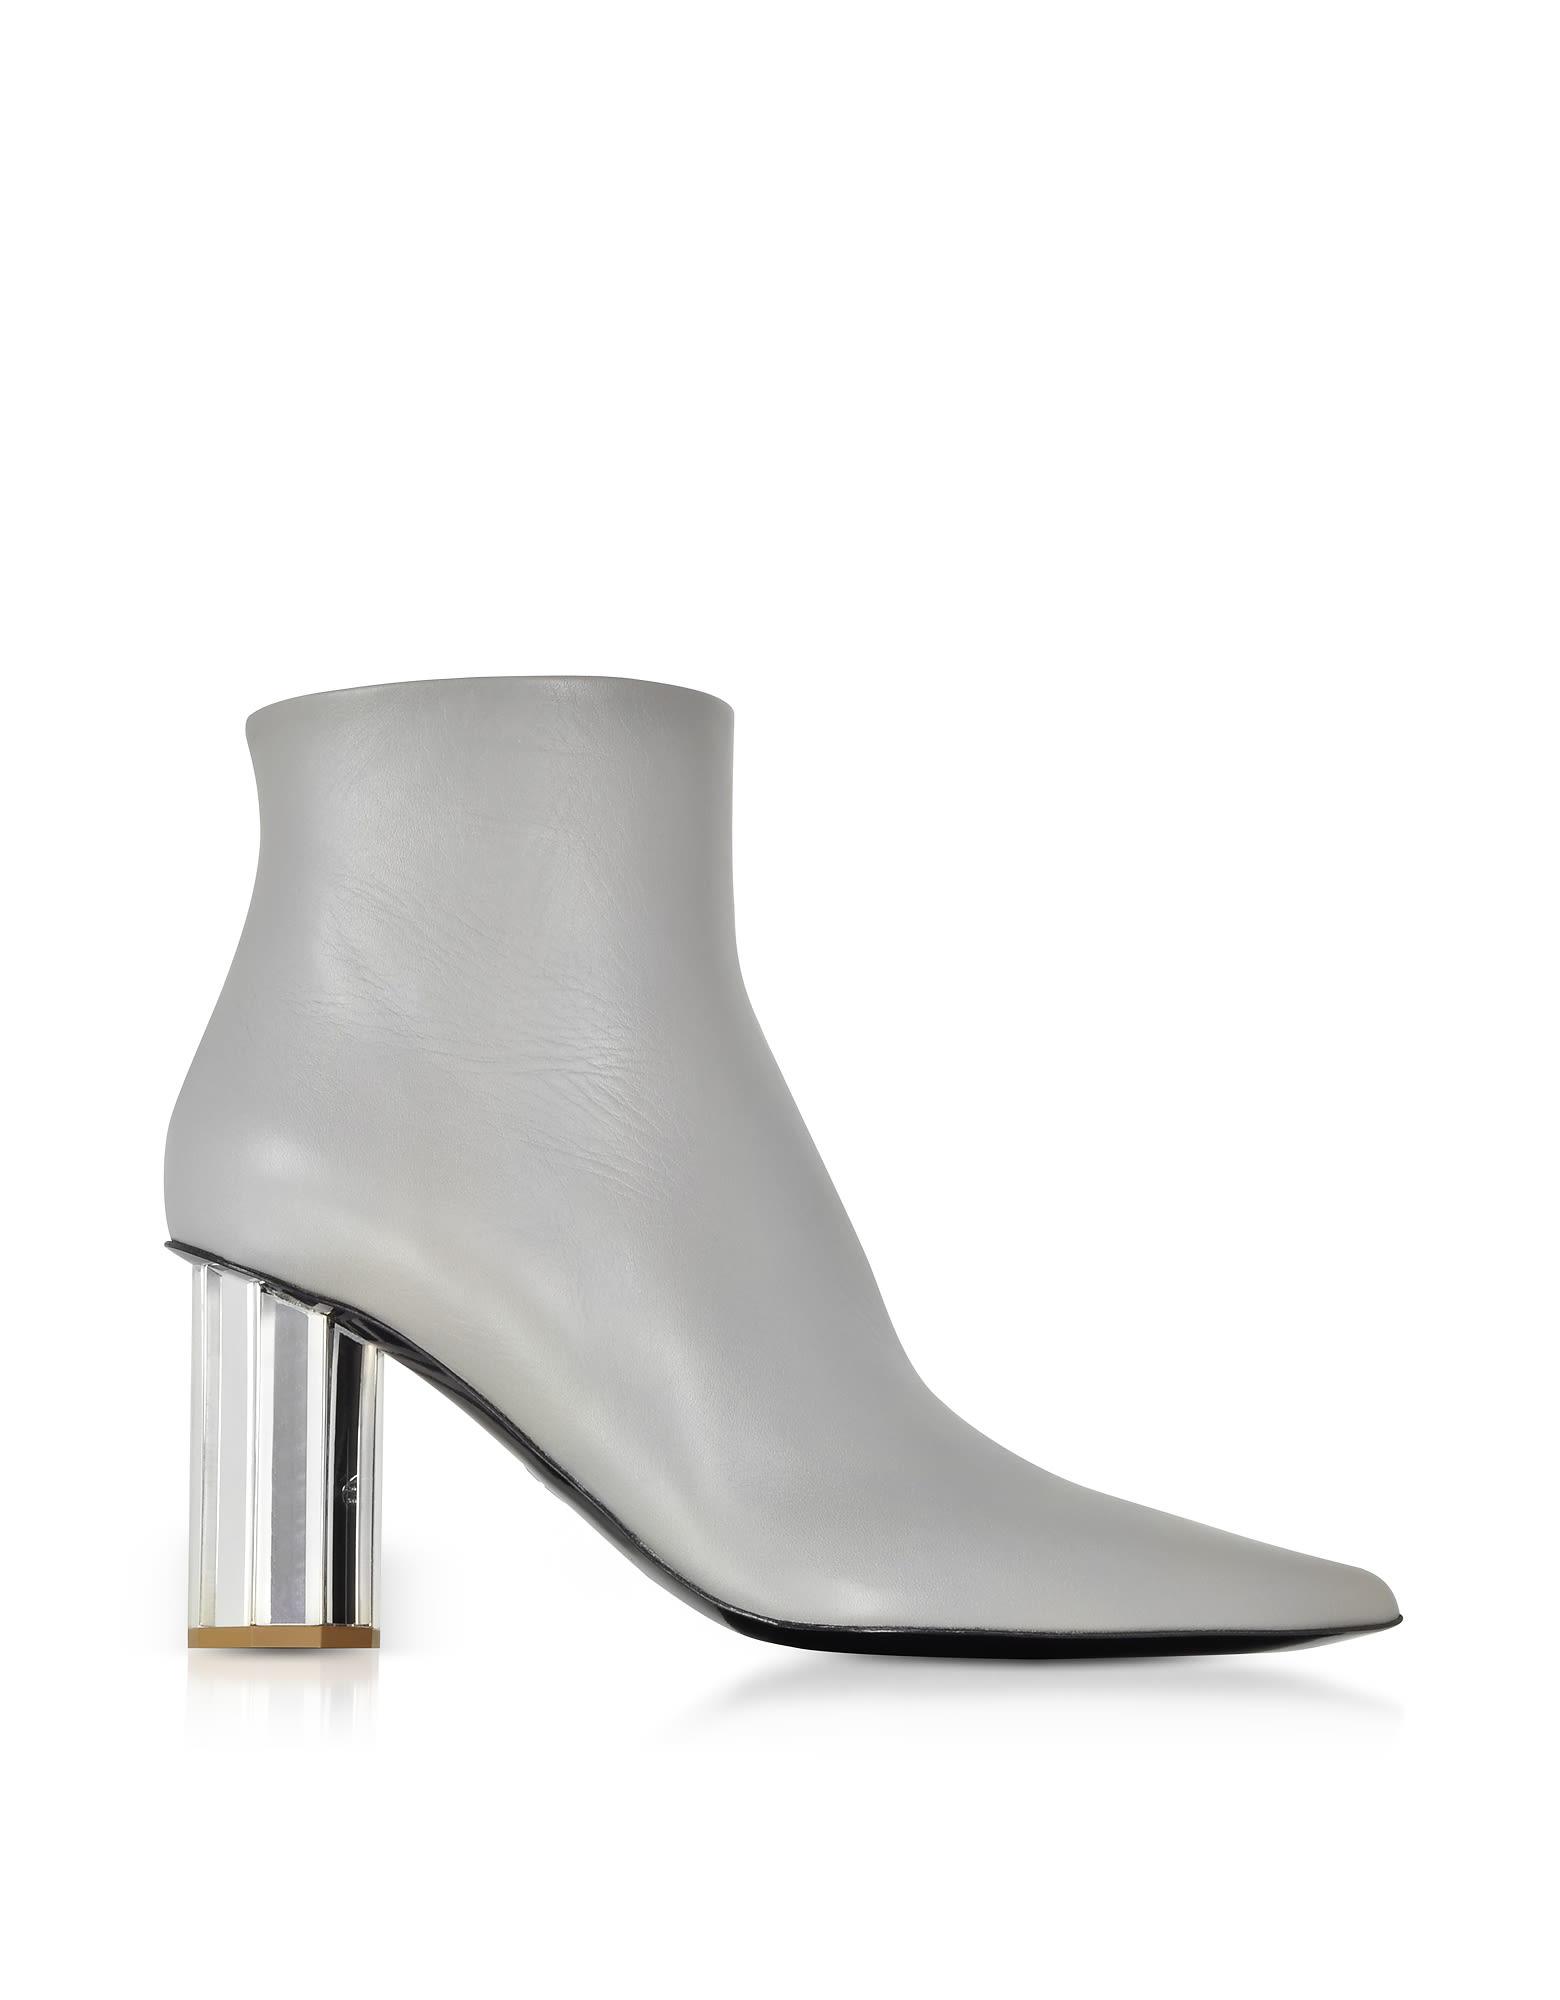 c9f0b5592ca Proenza Schouler Proenza Schouler Taupe Gray Leather Mirror Heel ...